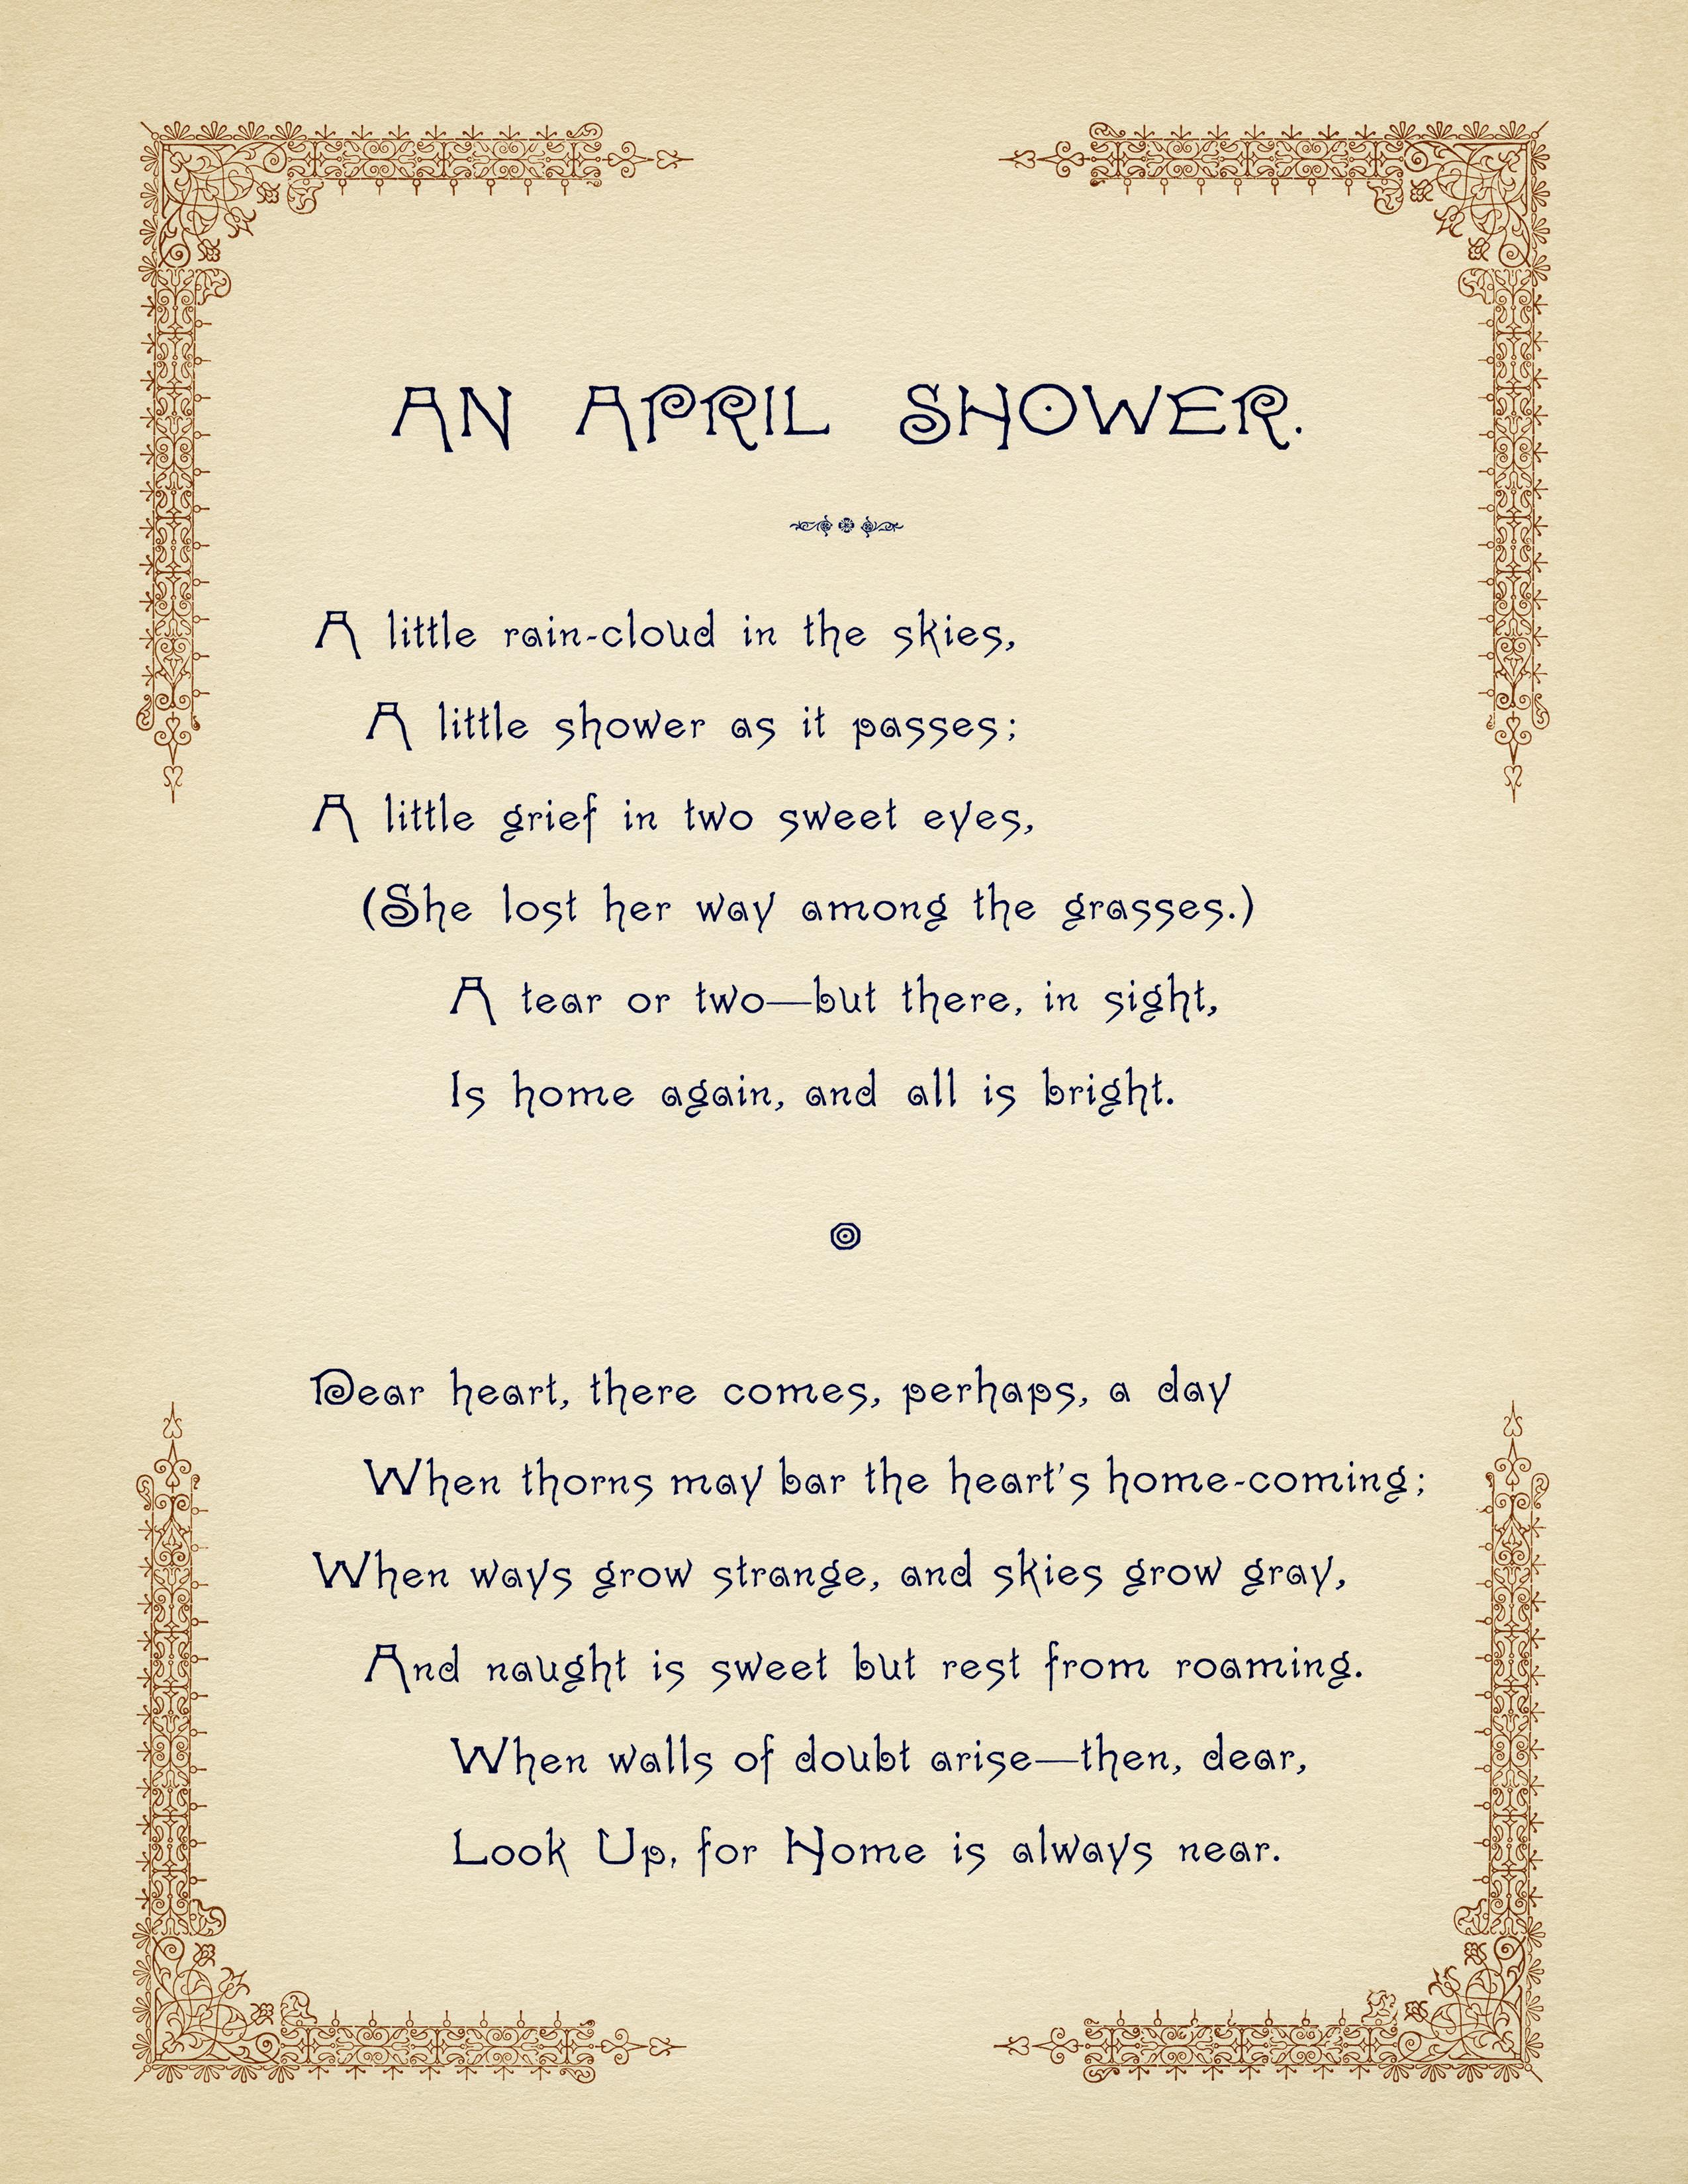 Free Vintage Image An April Shower Poem | Old Design Shop Blog